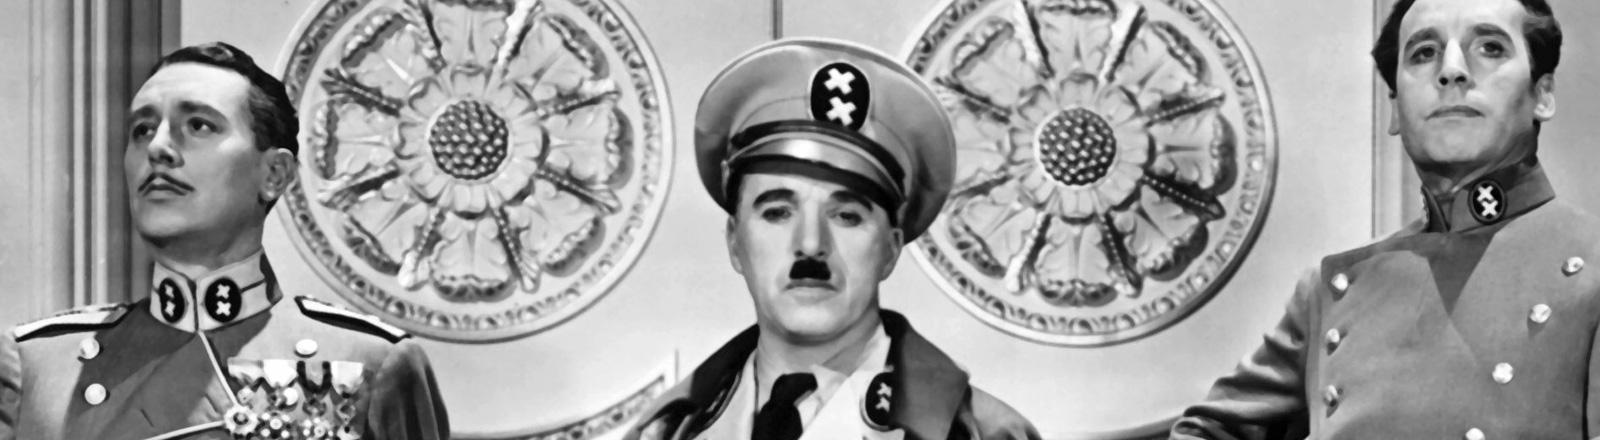 """Filmszene aus """"Der große Diktator"""". Charlie Chaplin trägt Uniform und steht zwischen zwei Männern, ebenfalls in Uniform; Bild: dpa"""